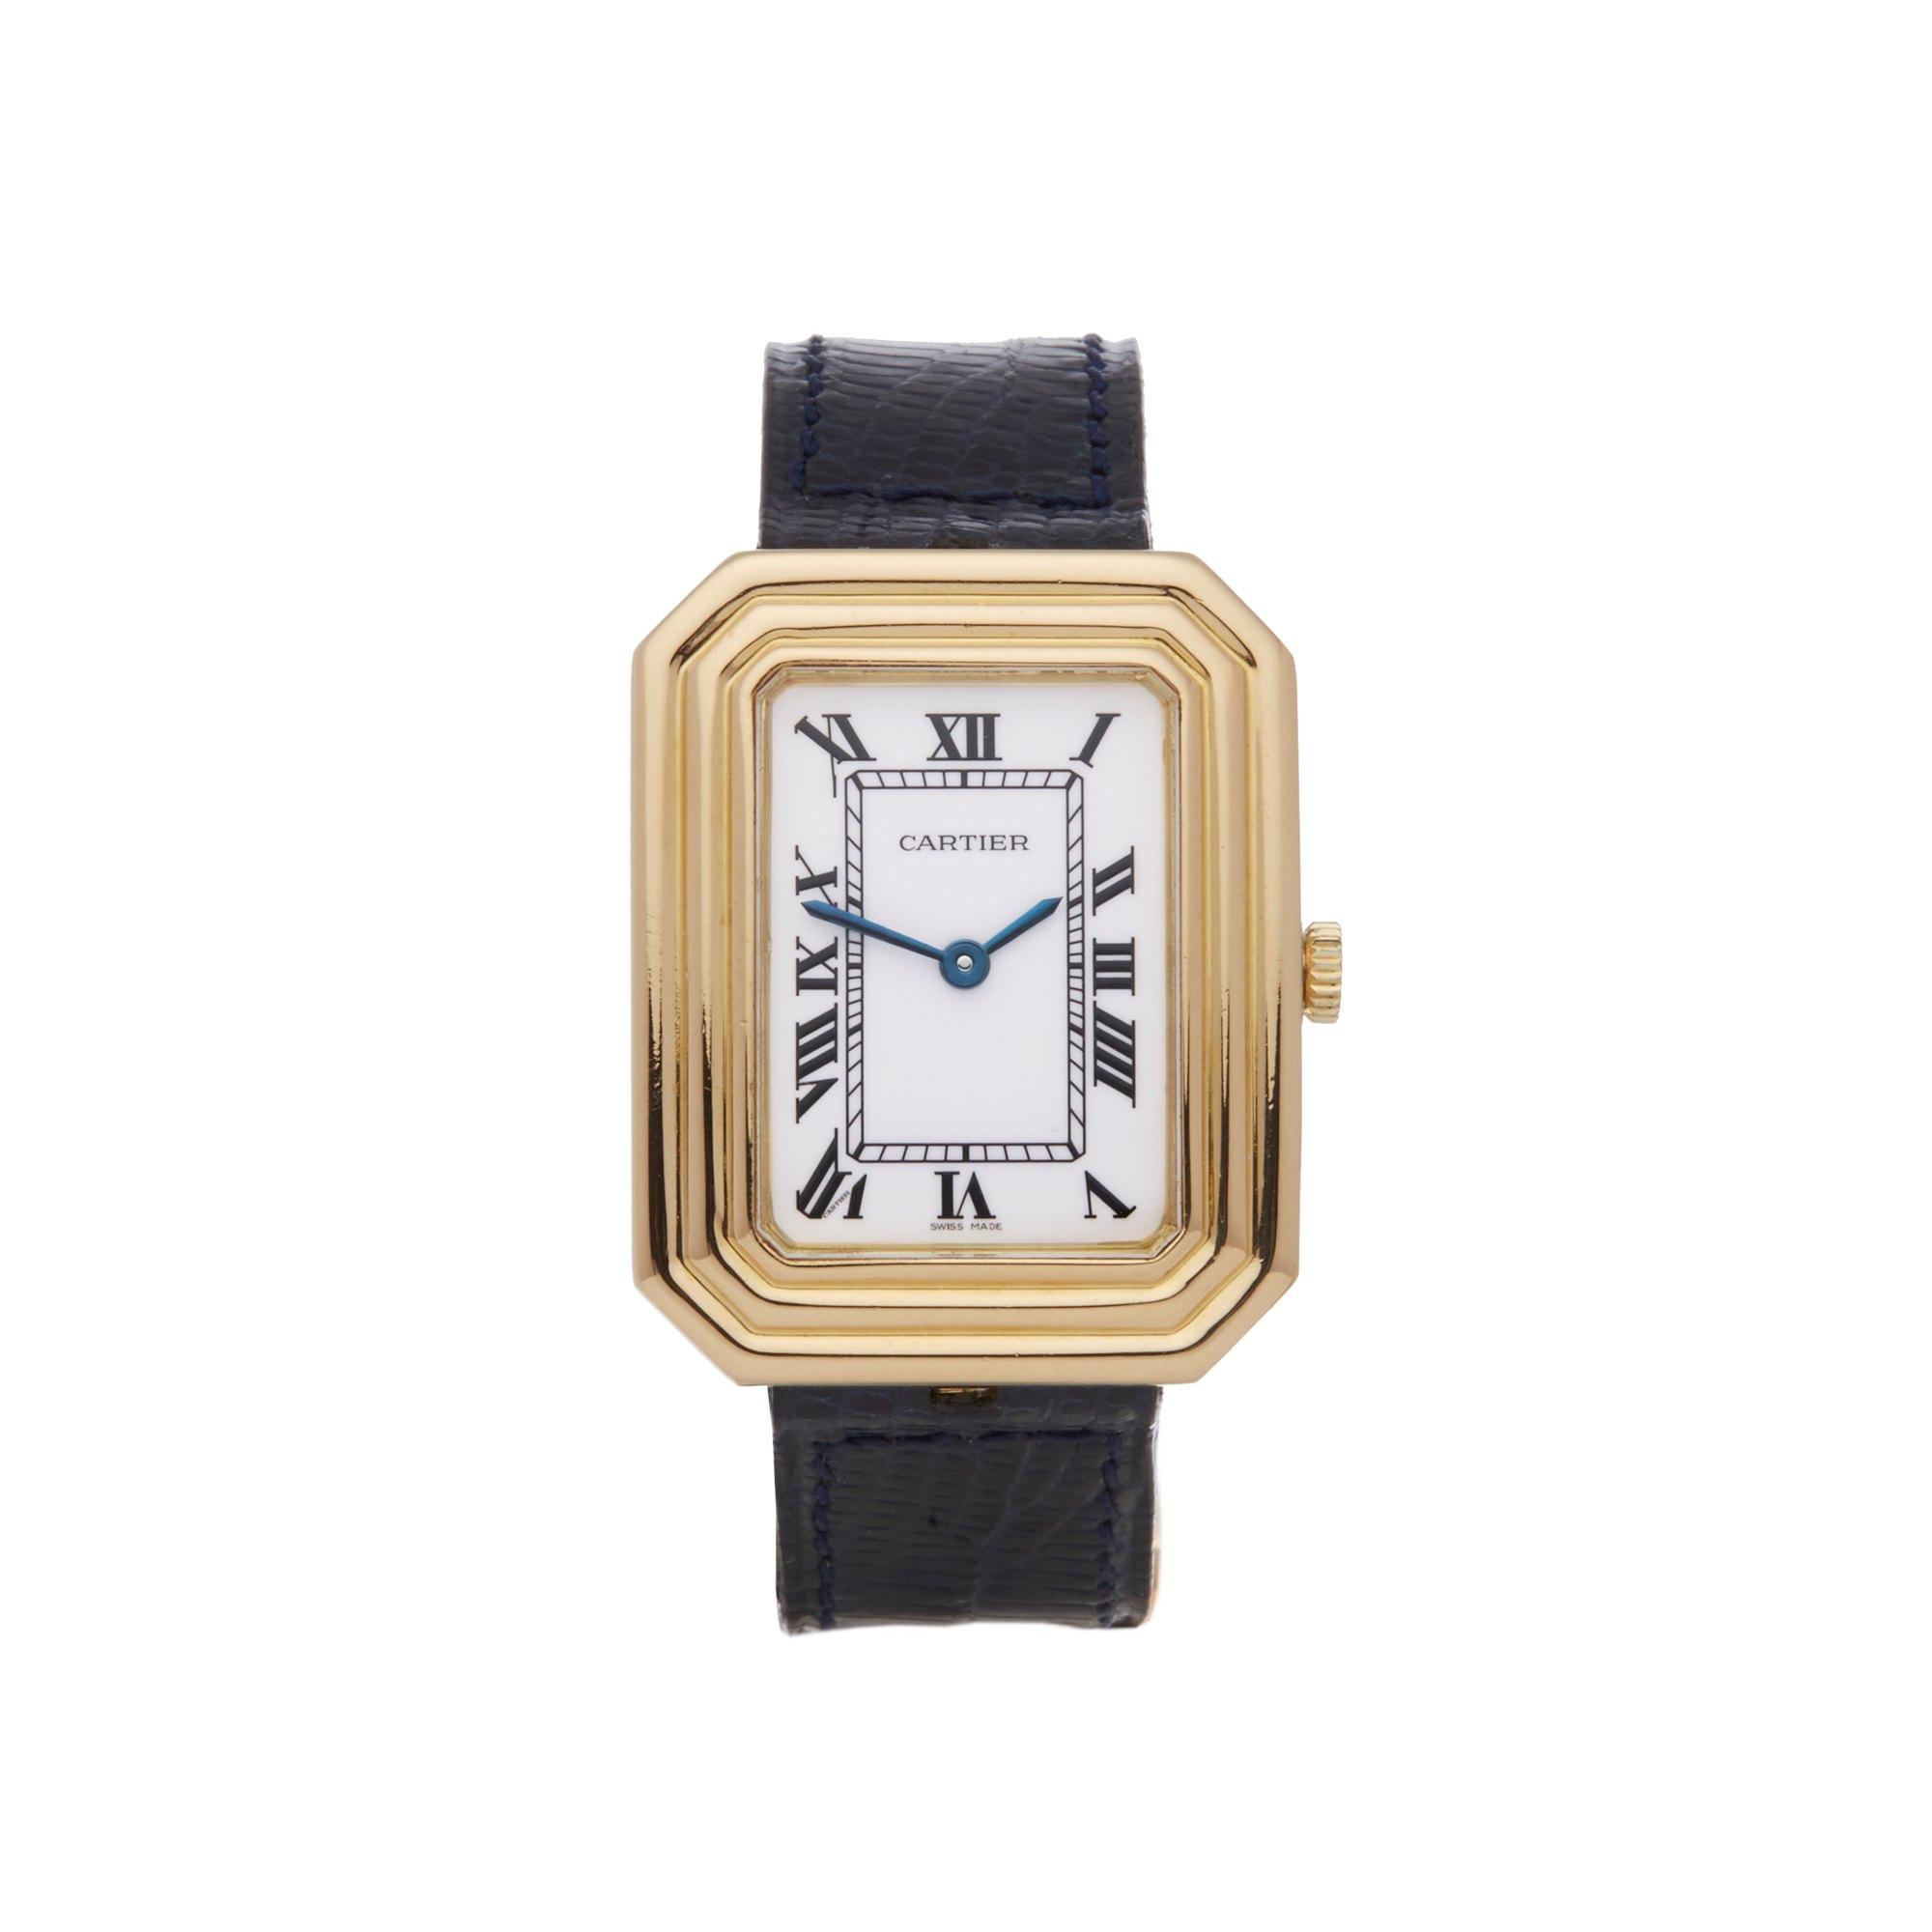 Cartier Cristallor Paris Enamel Dial 18K Yellow Gold